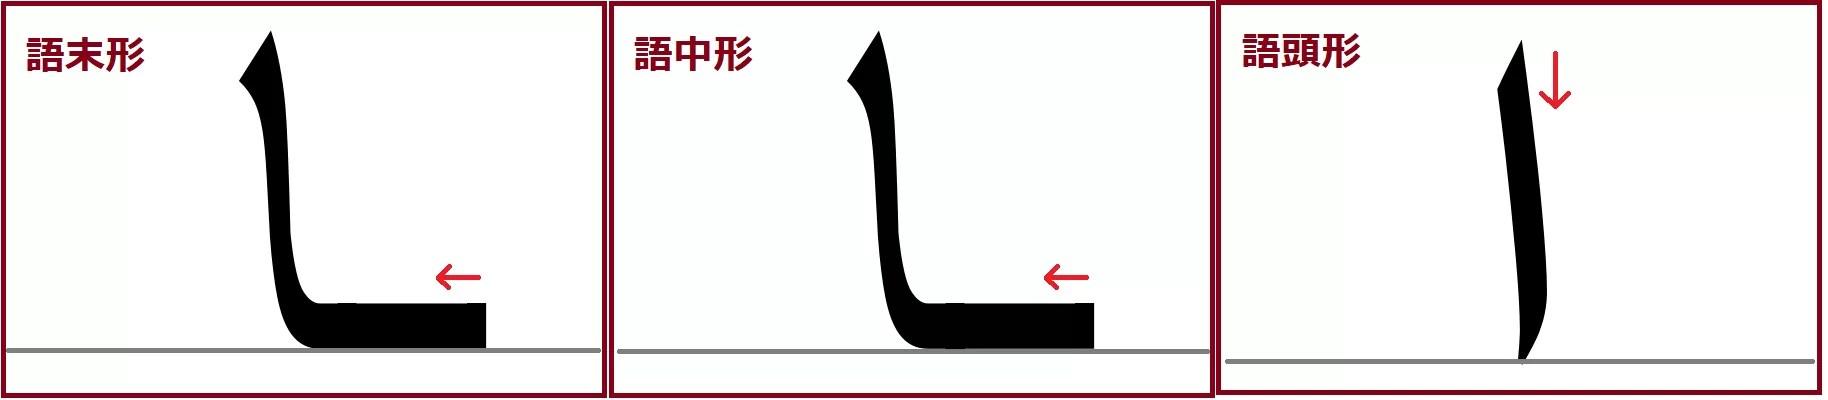 アリフ語頭、語中、語末形